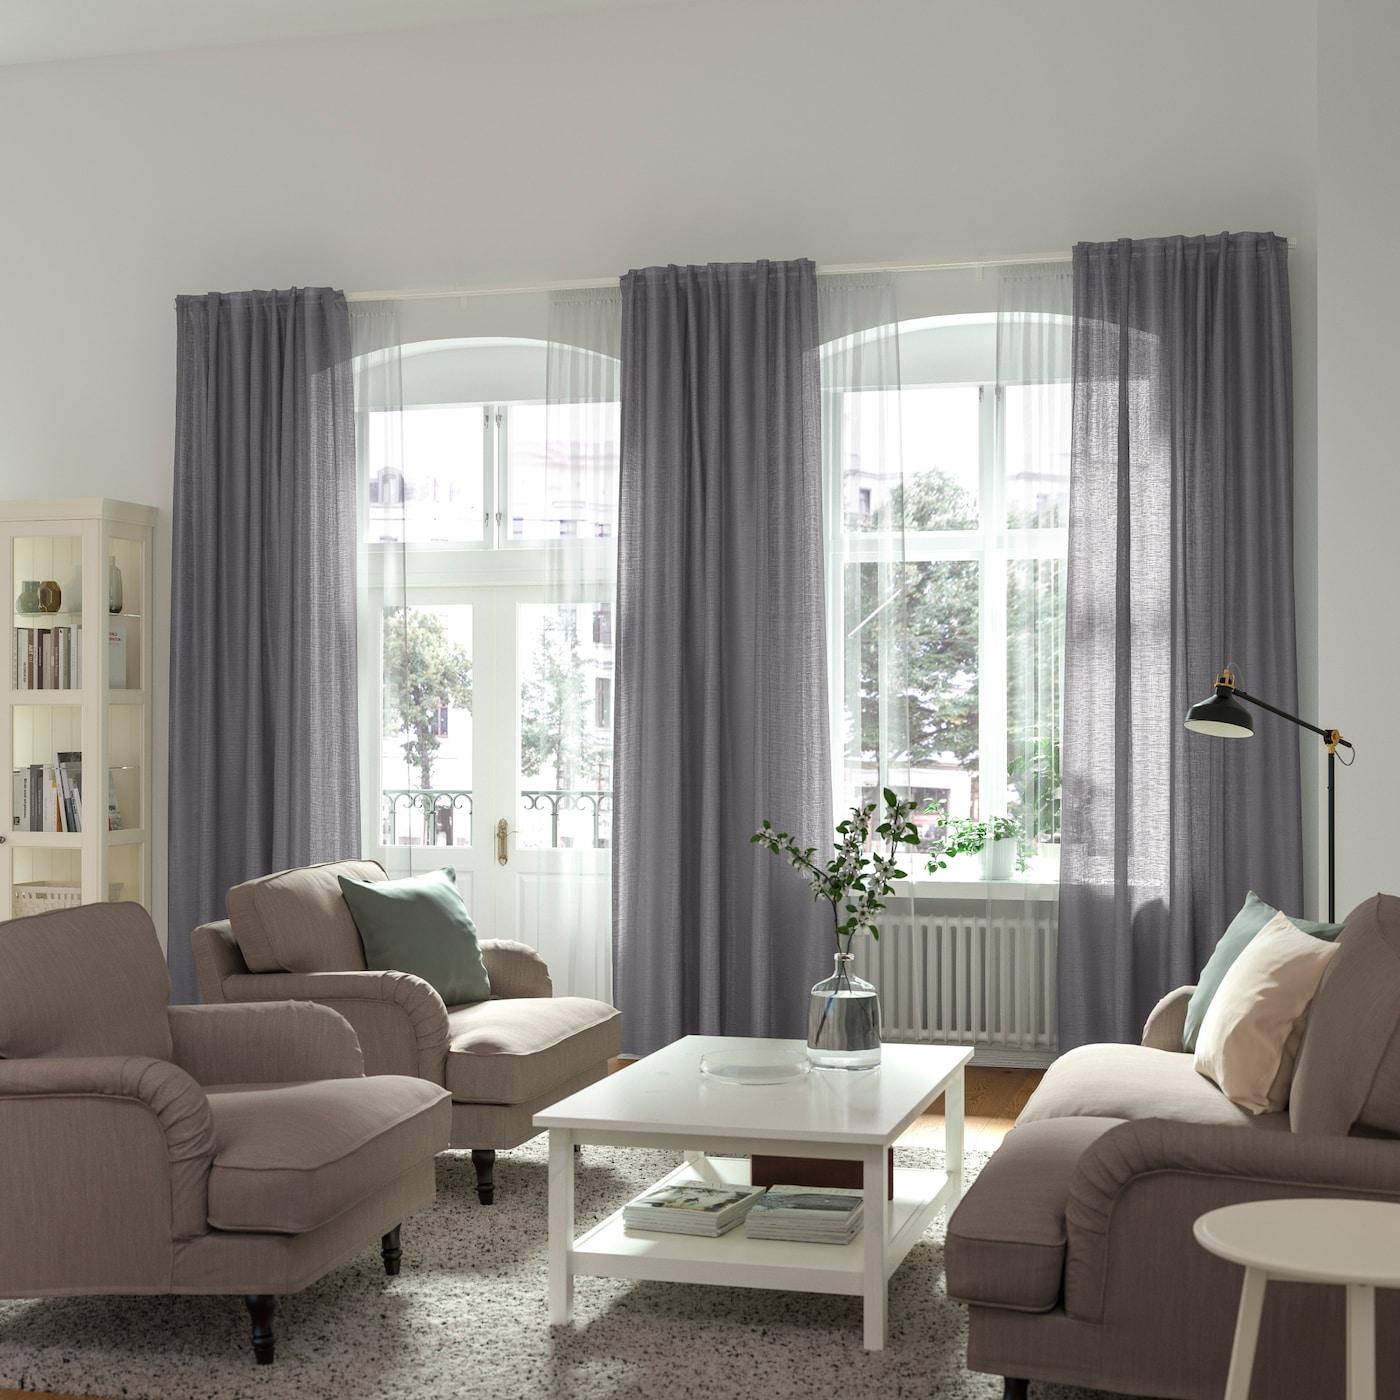 Gardinen U0026 Vorhänge: Inspirationen Für Dein Zuhause   IKEA